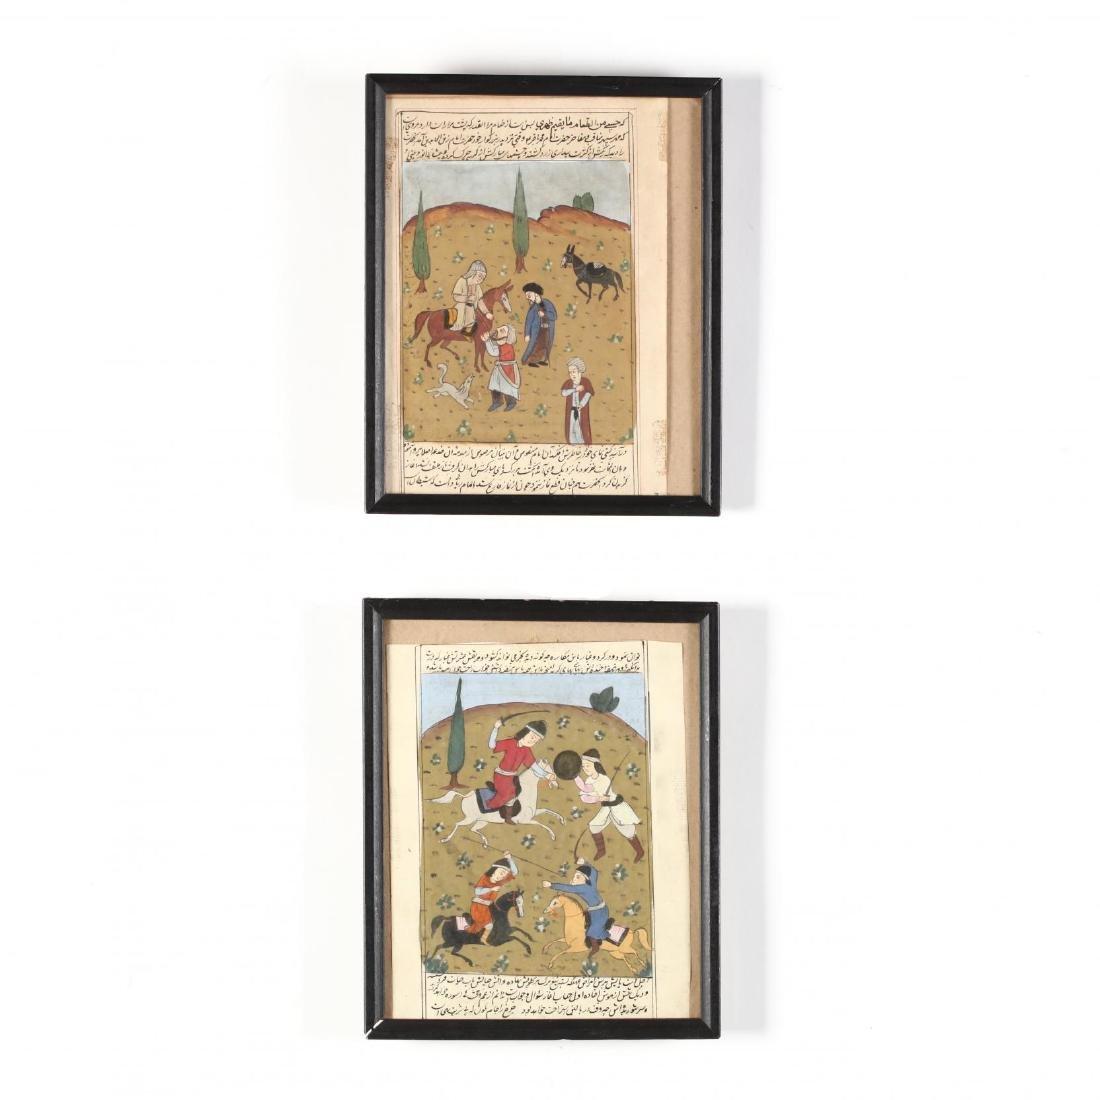 Two Persian Illuminated Manuscript Folios